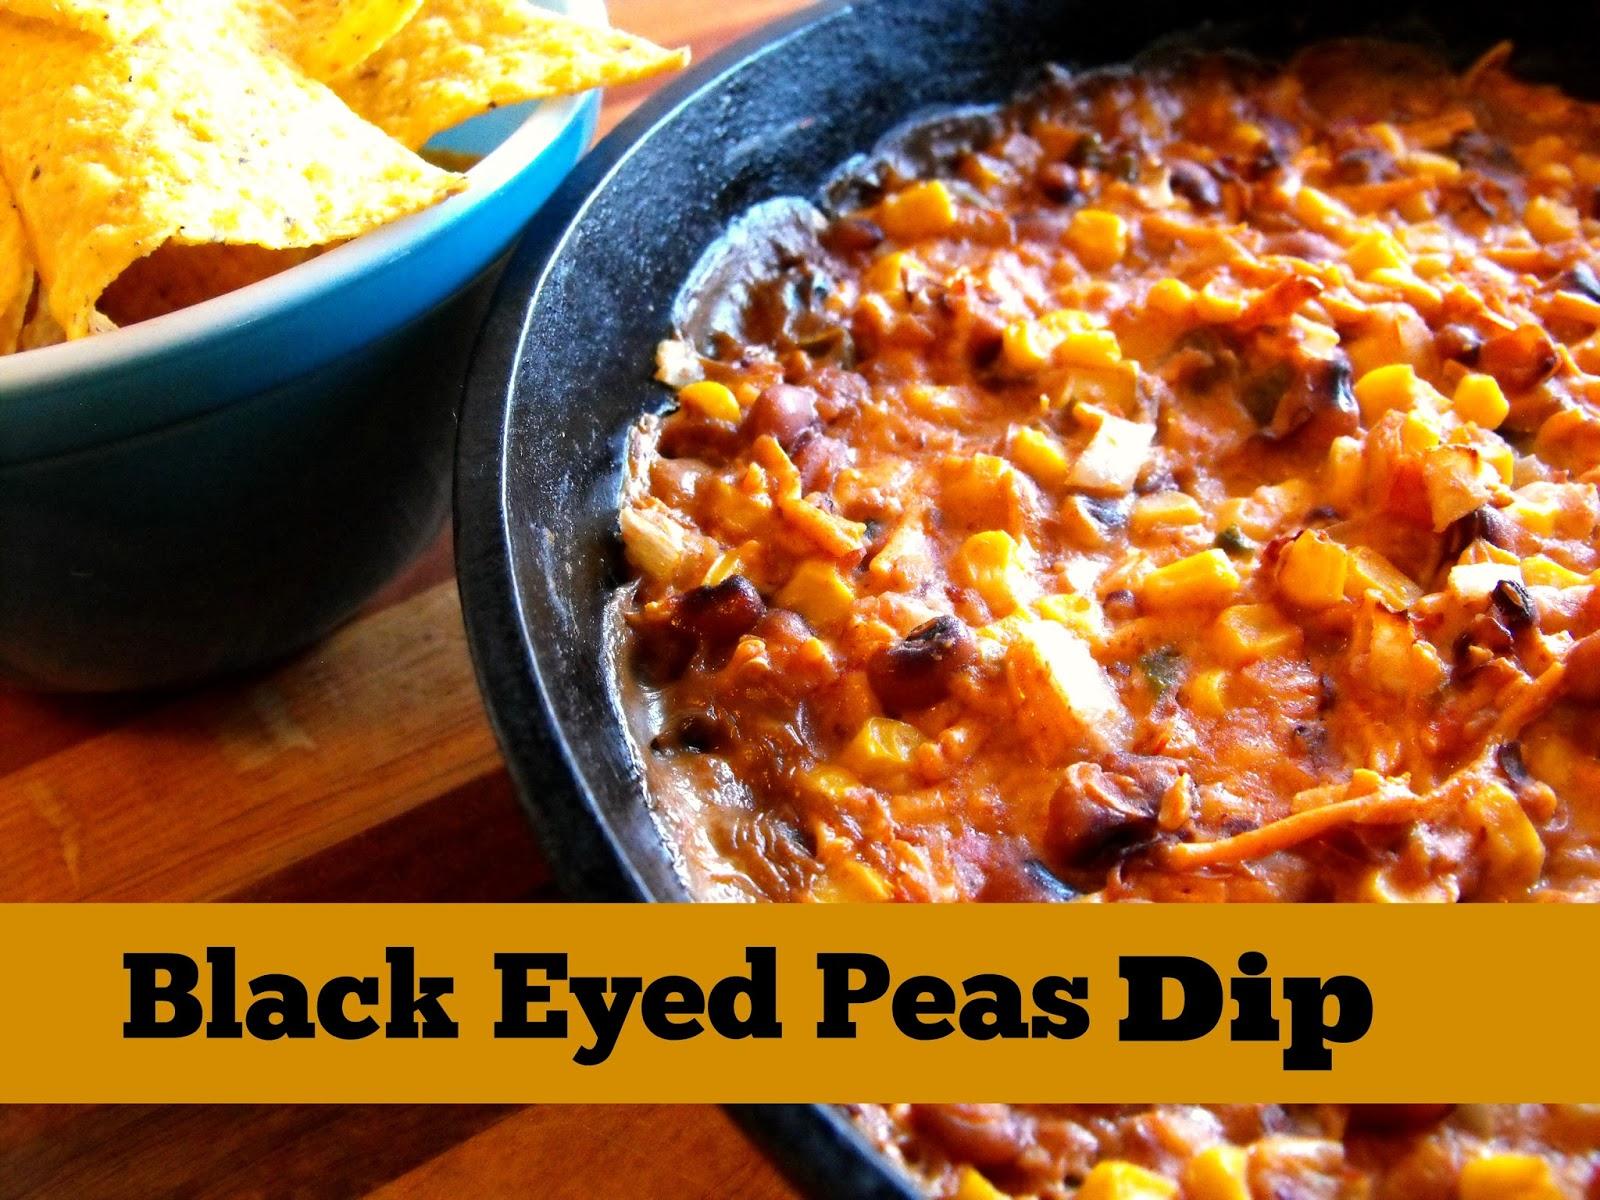 black eyed peas dip